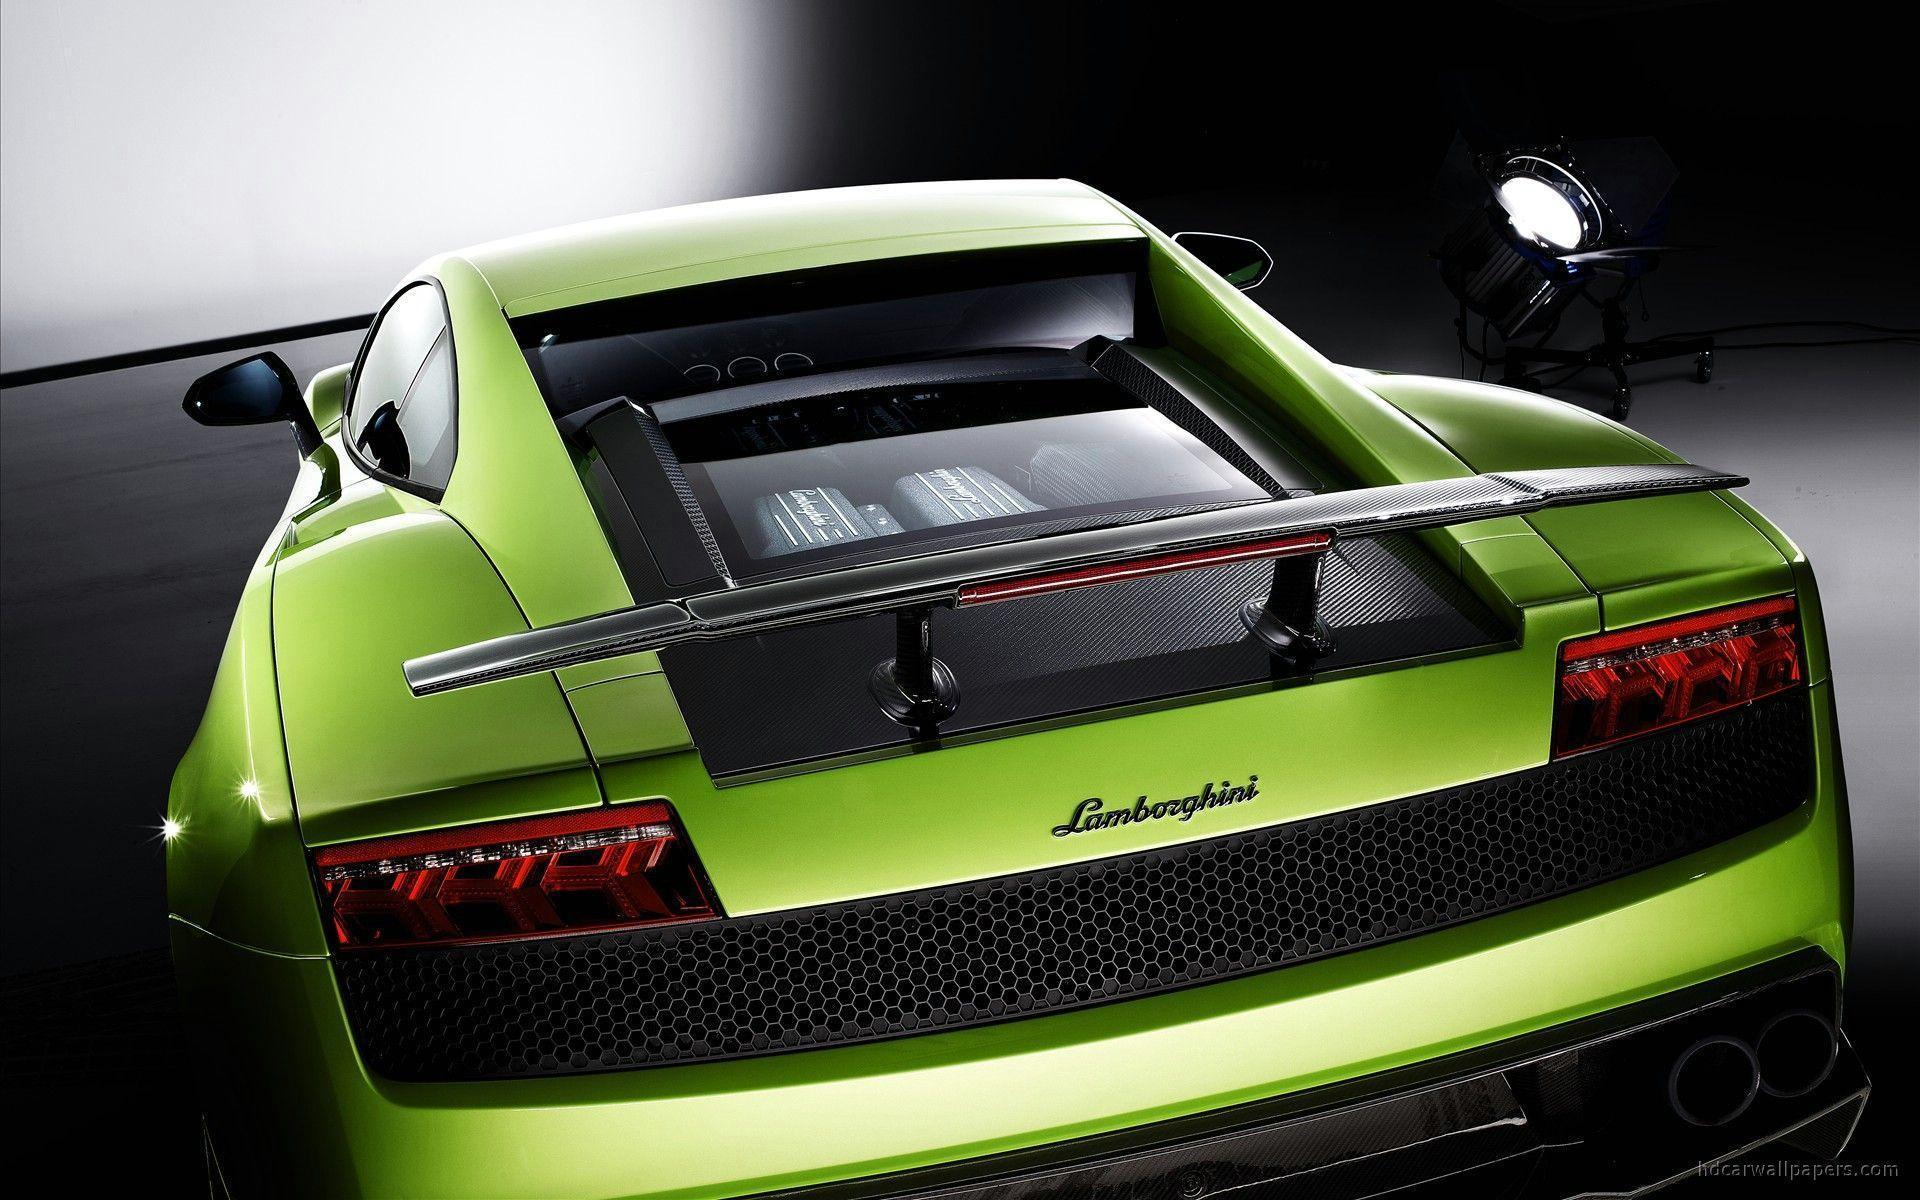 2011 lamborghini gallardo lp 570 4 superleggera 5 wallpaper hd - Lamborghini Gallardo Superleggera Wallpaper